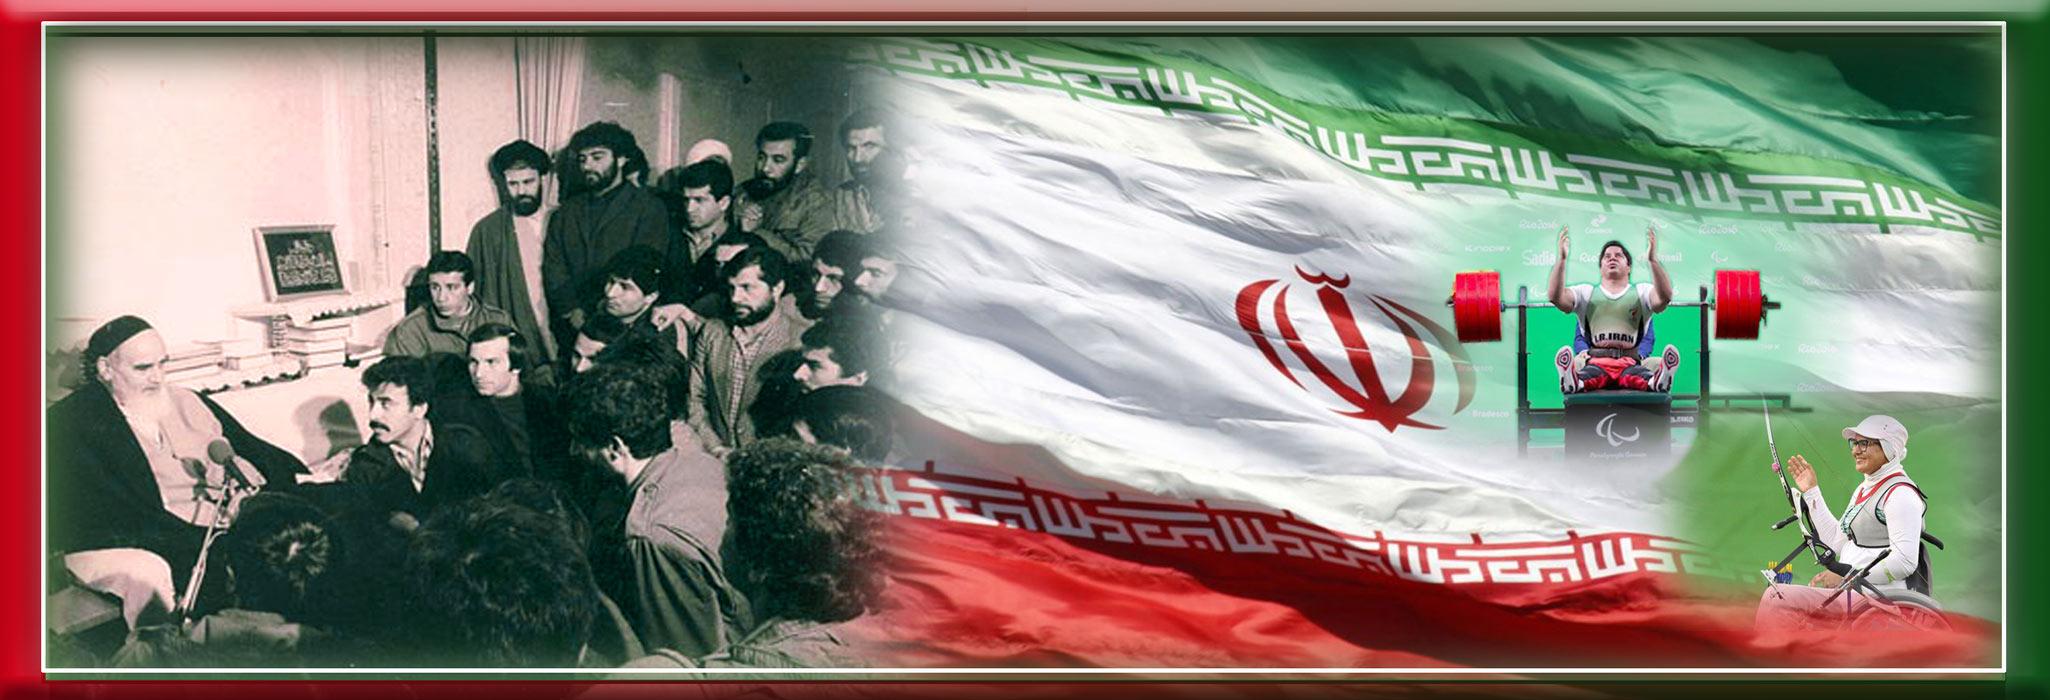 Imam Khomeini and sportsmen